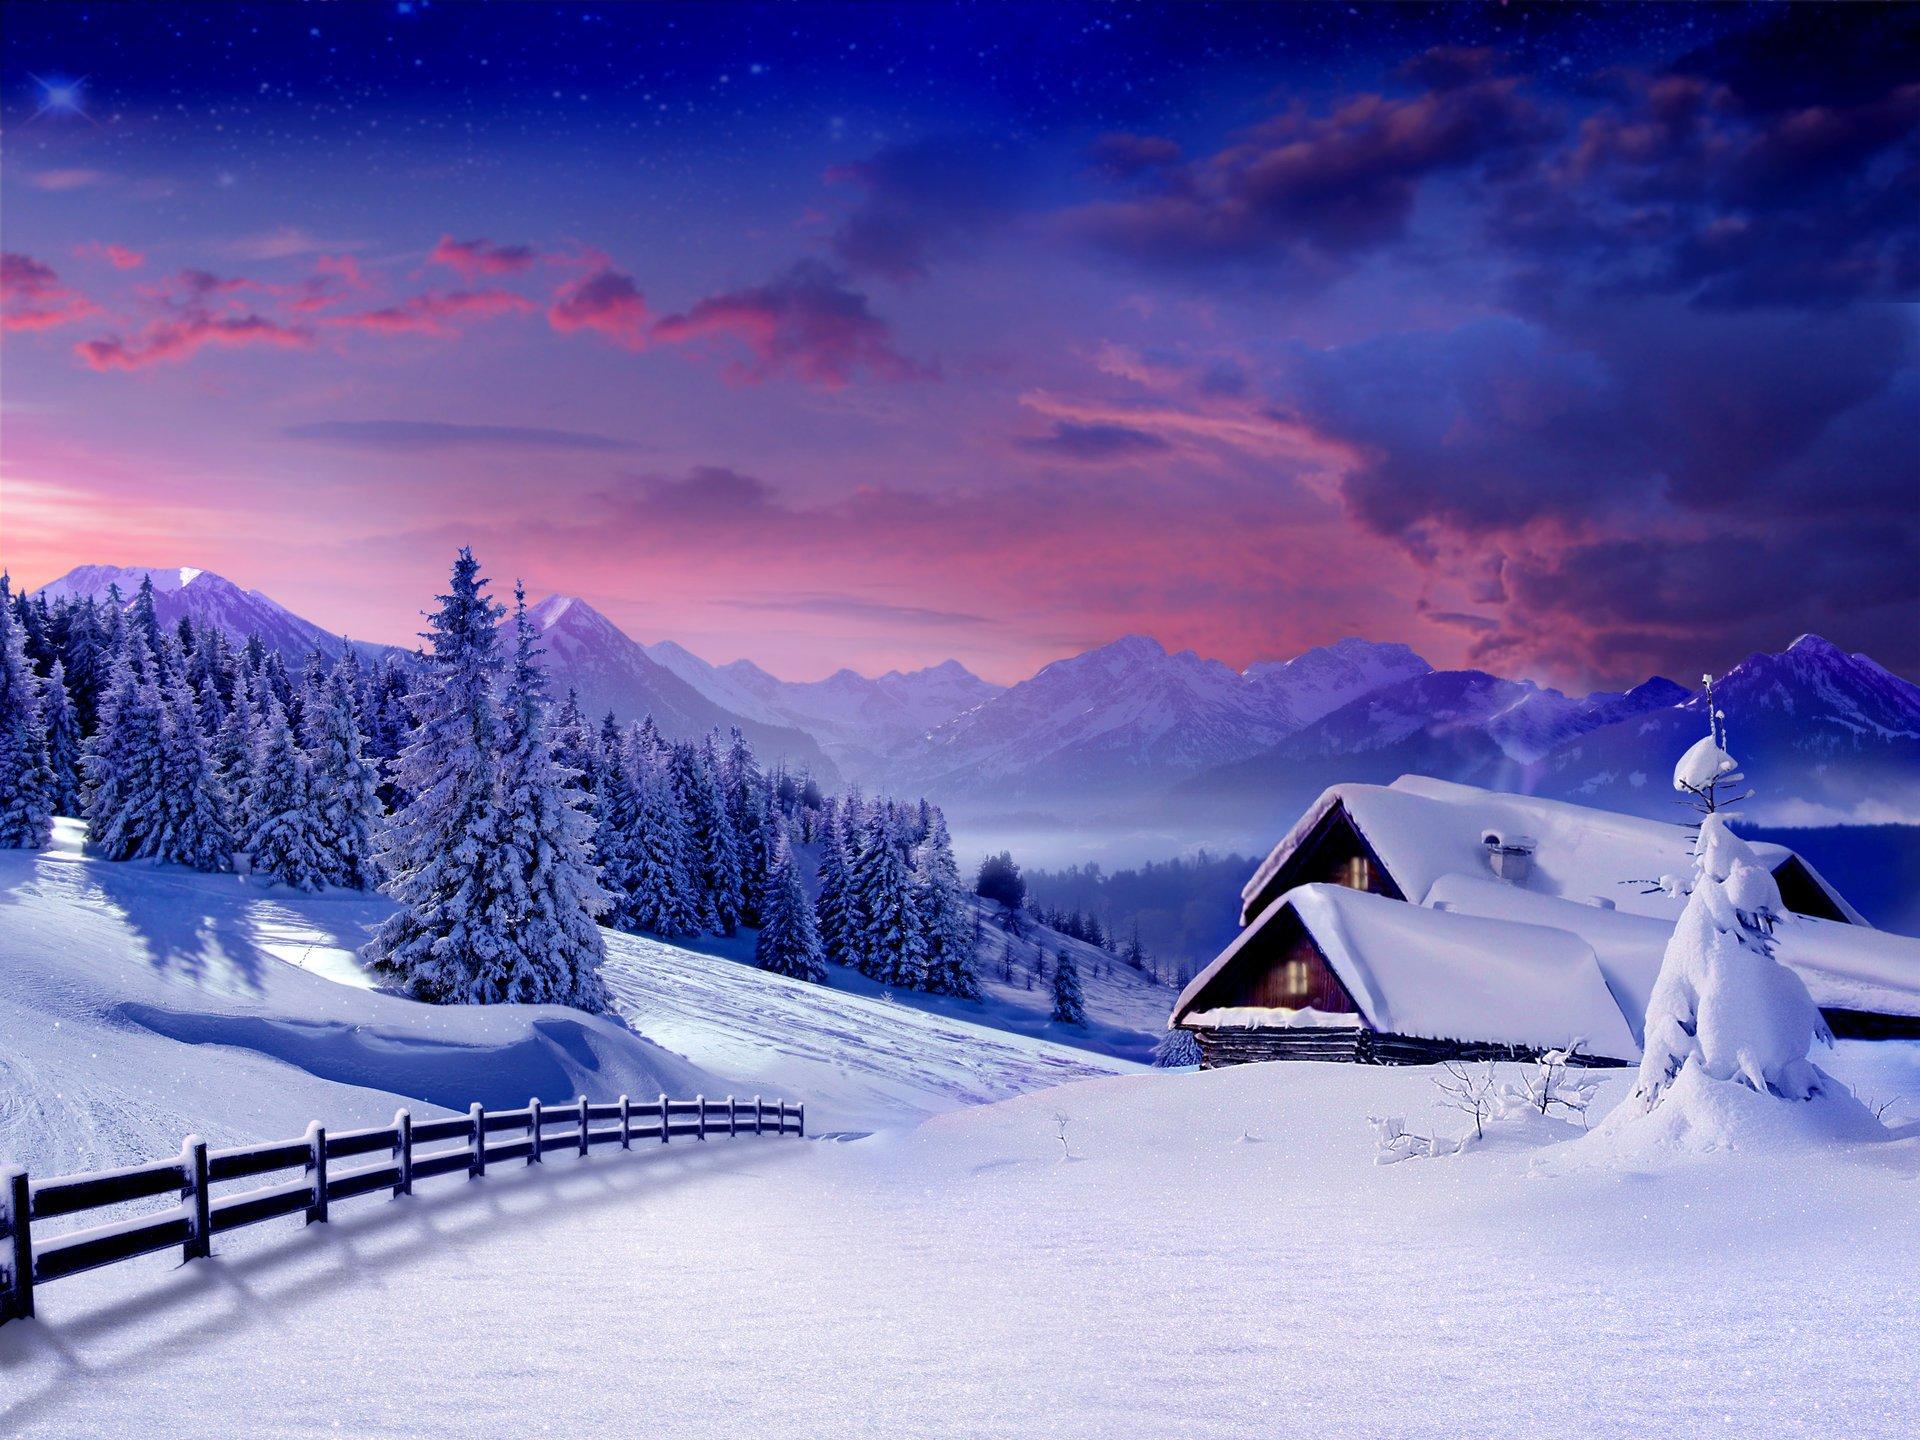 обои зима снежная на рабочий стол № 640787 загрузить